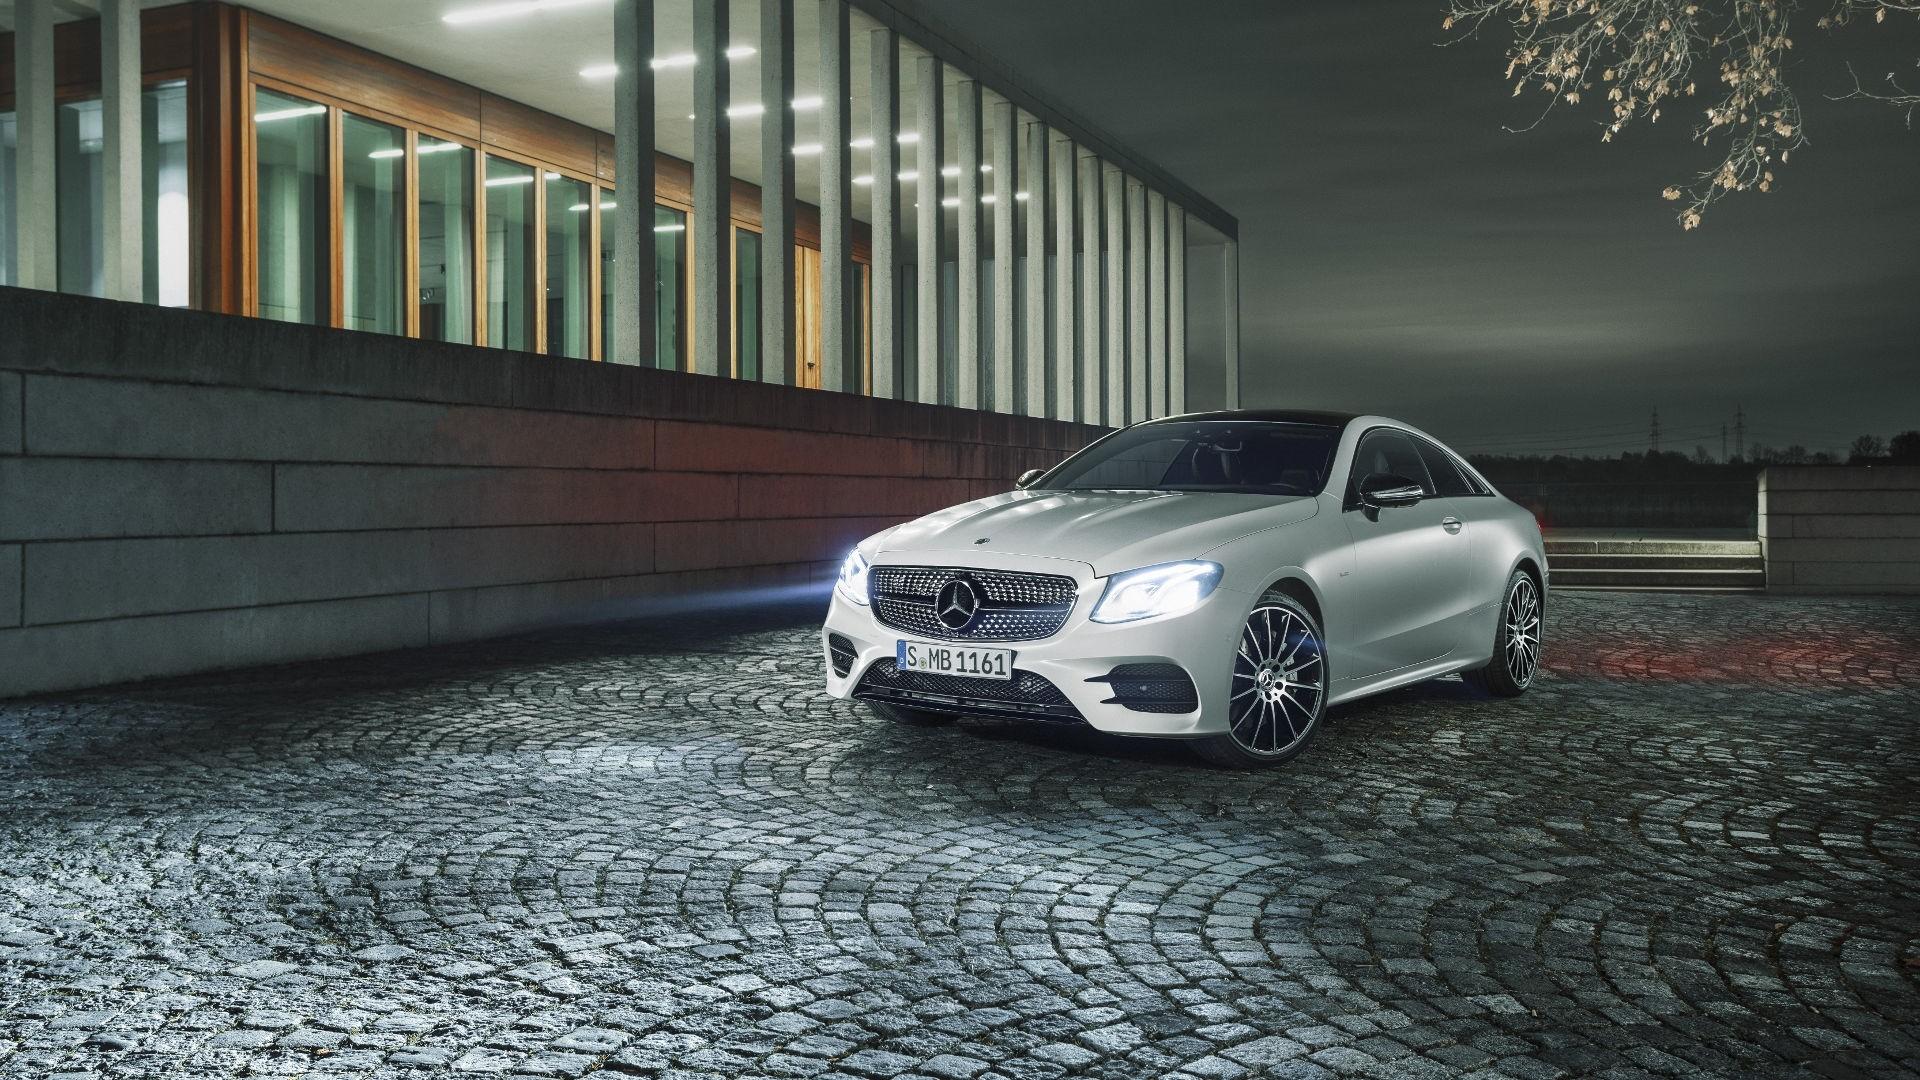 Mercedes Wallpaper 1920x1080